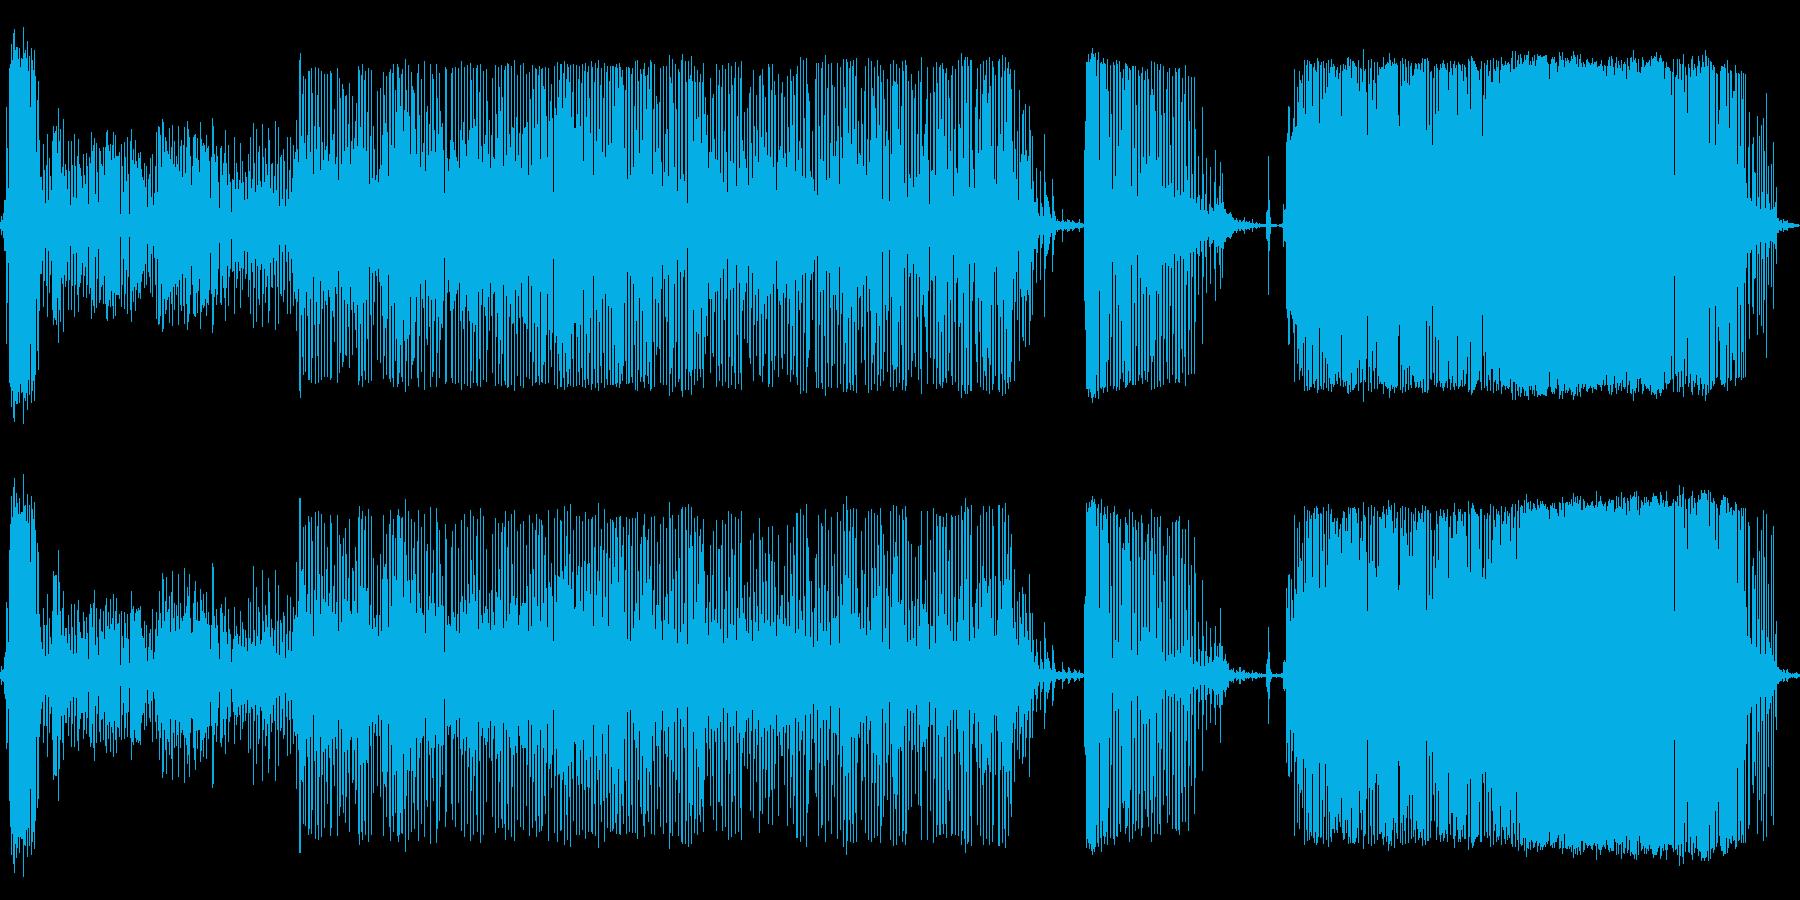 コインペイントミキサーの再生済みの波形